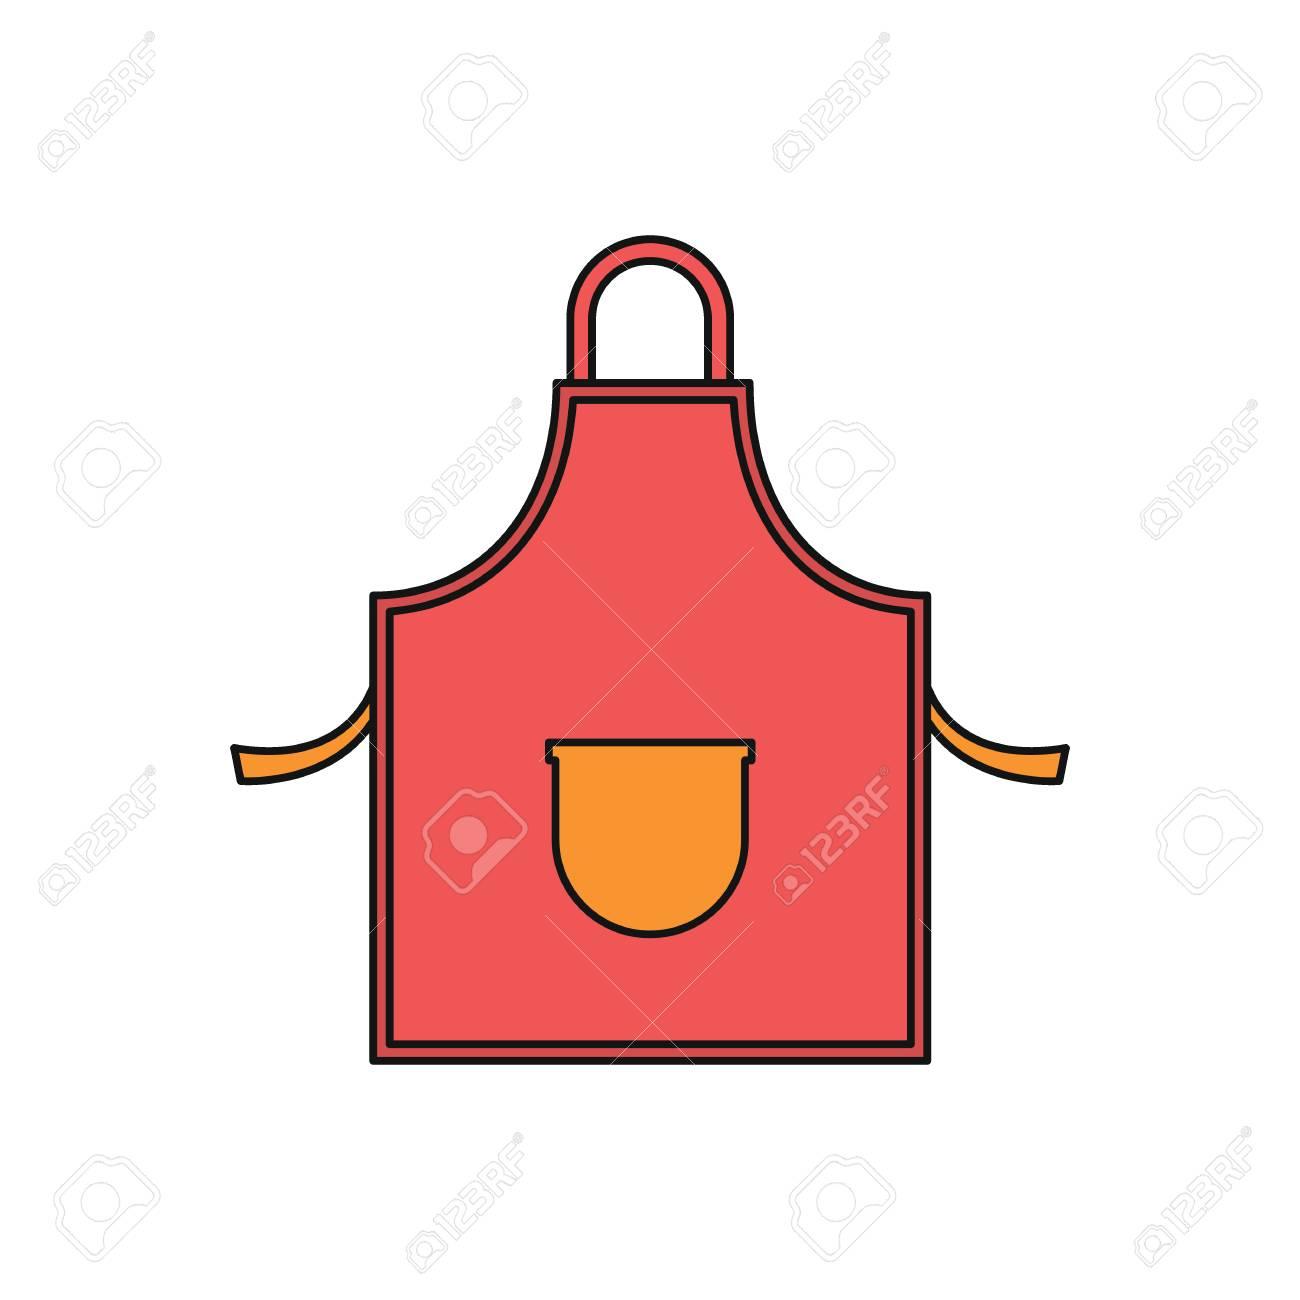 Icono De Dibujos Animados De Delantal De Cocina Ilustracion De